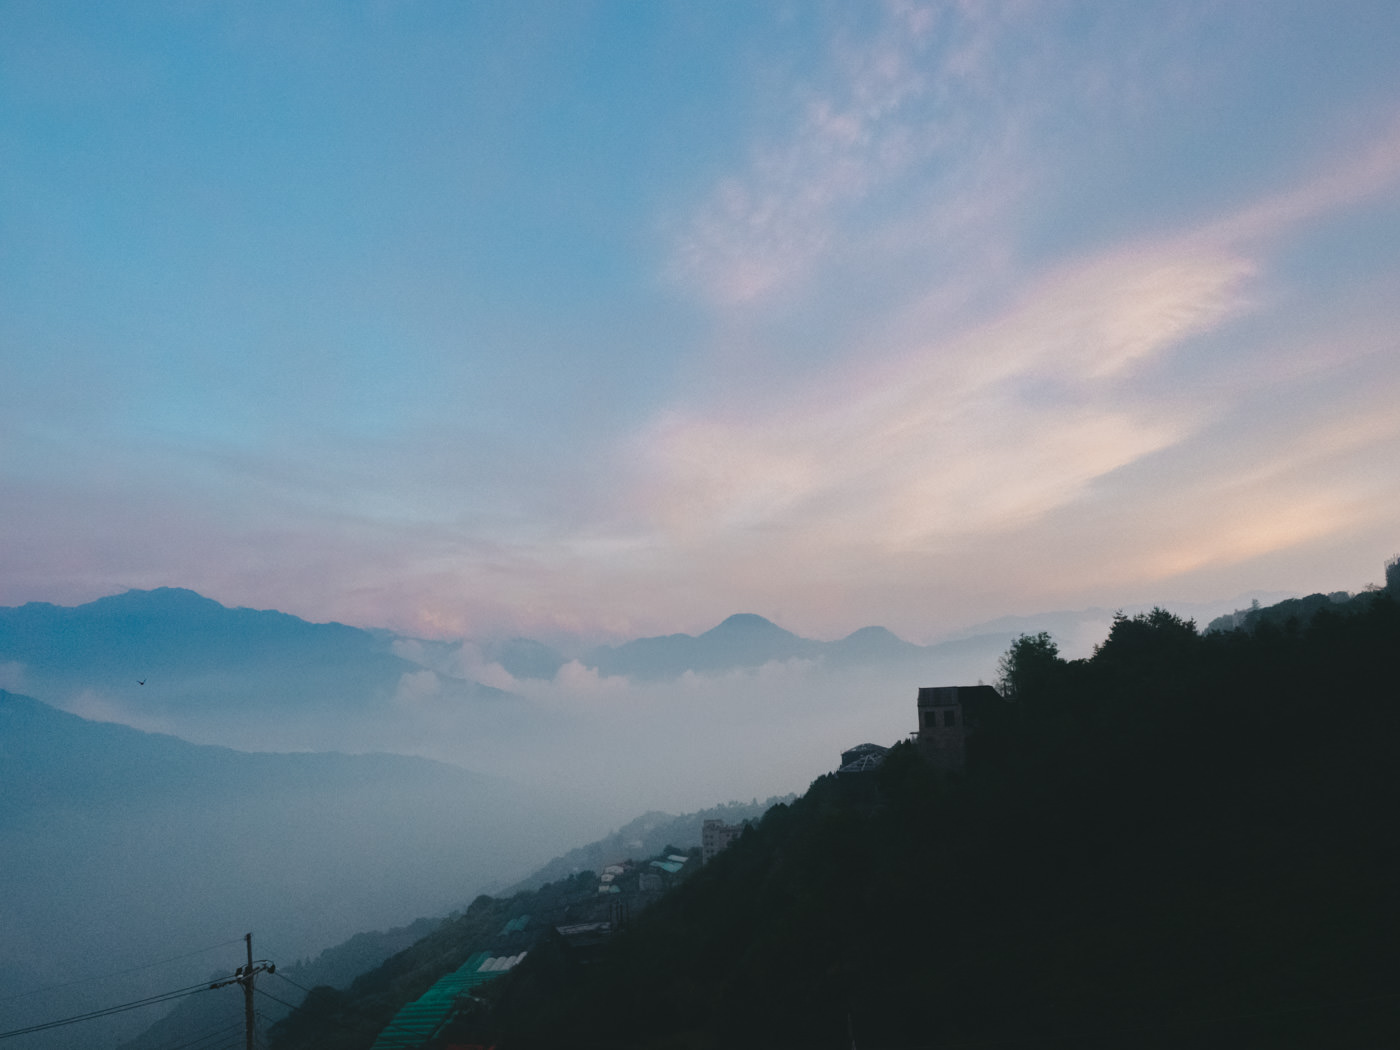 Taiwan - Qingjing - foggy mountain caps